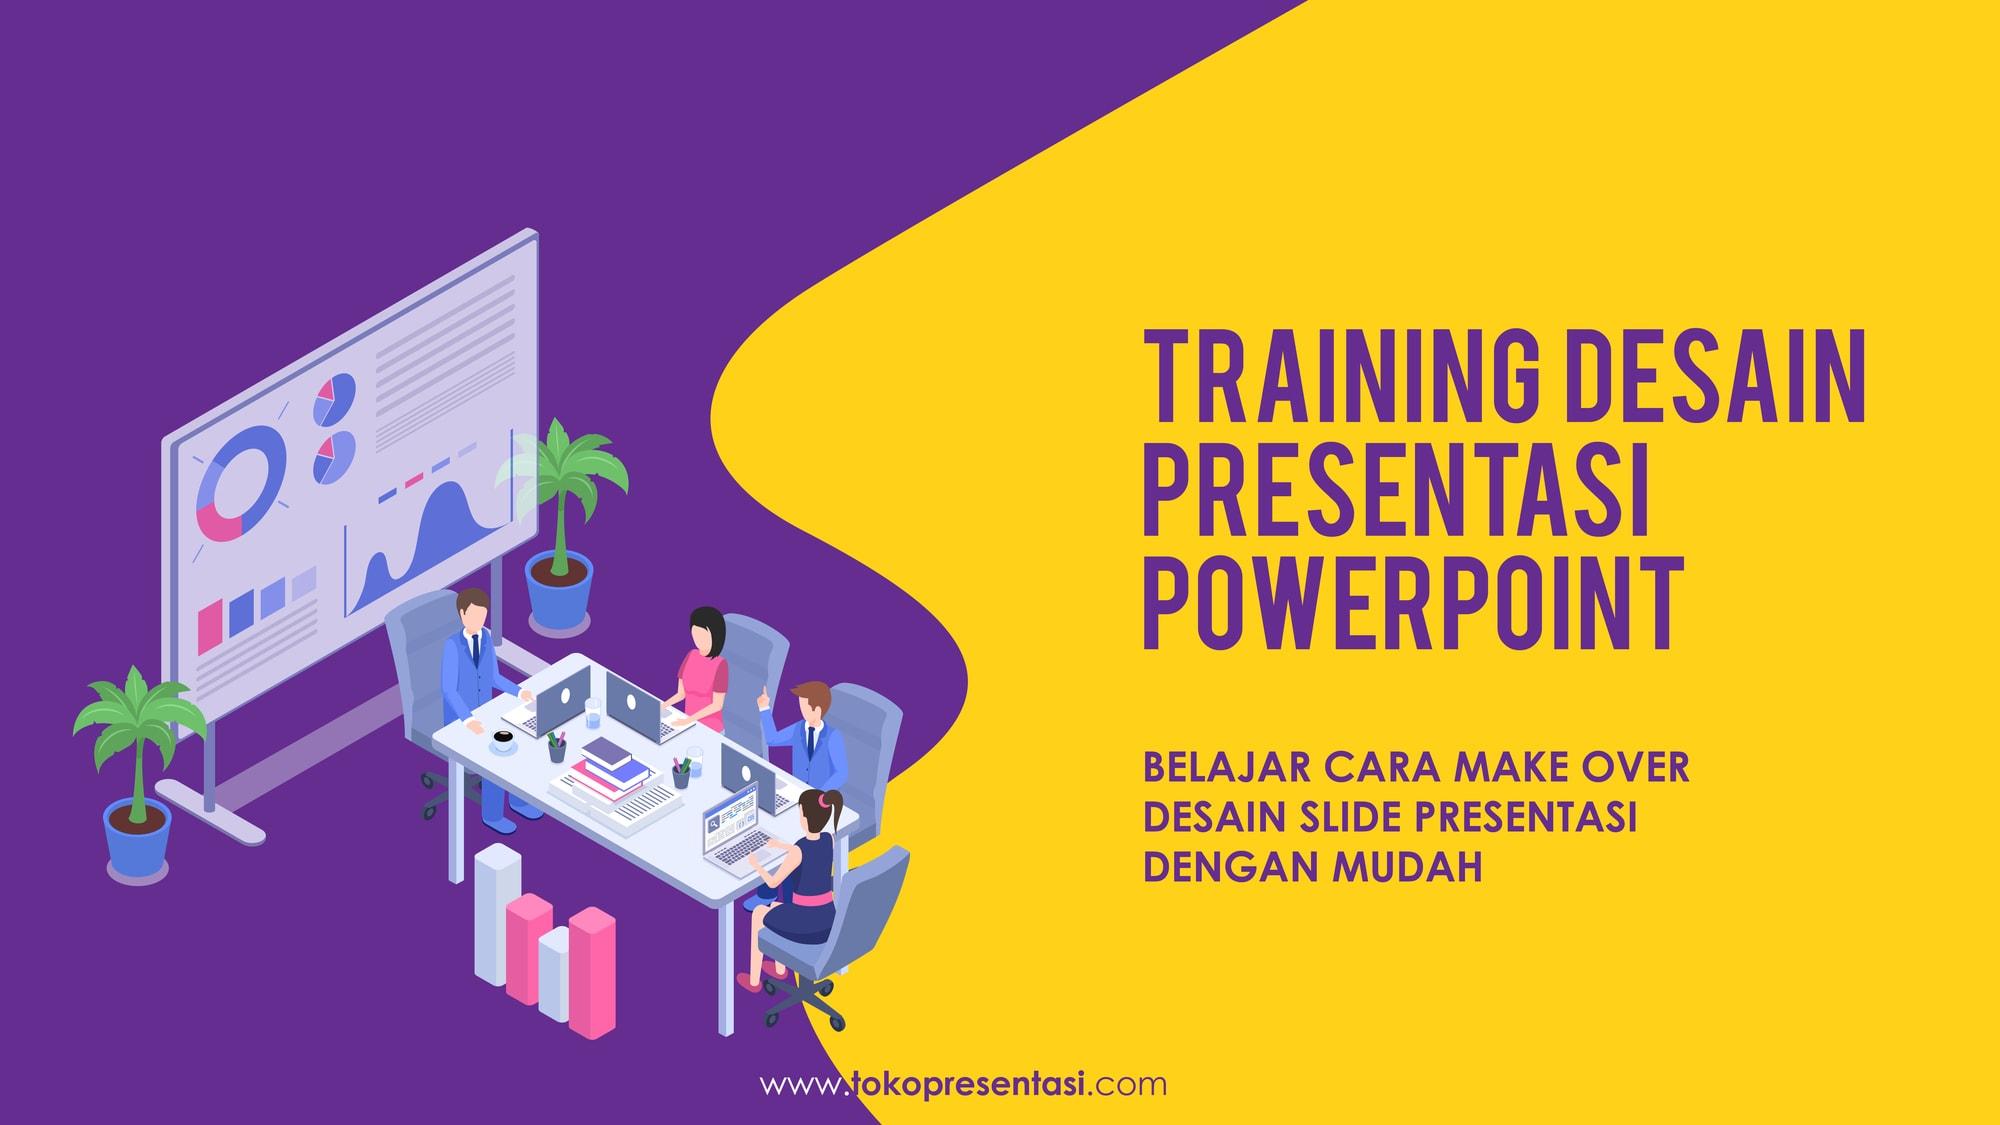 Pelatihan Desain Presentasi PowerPoint Lembaga Perlindungan Saksi dan Korban (LPSK) Tokopresentasi